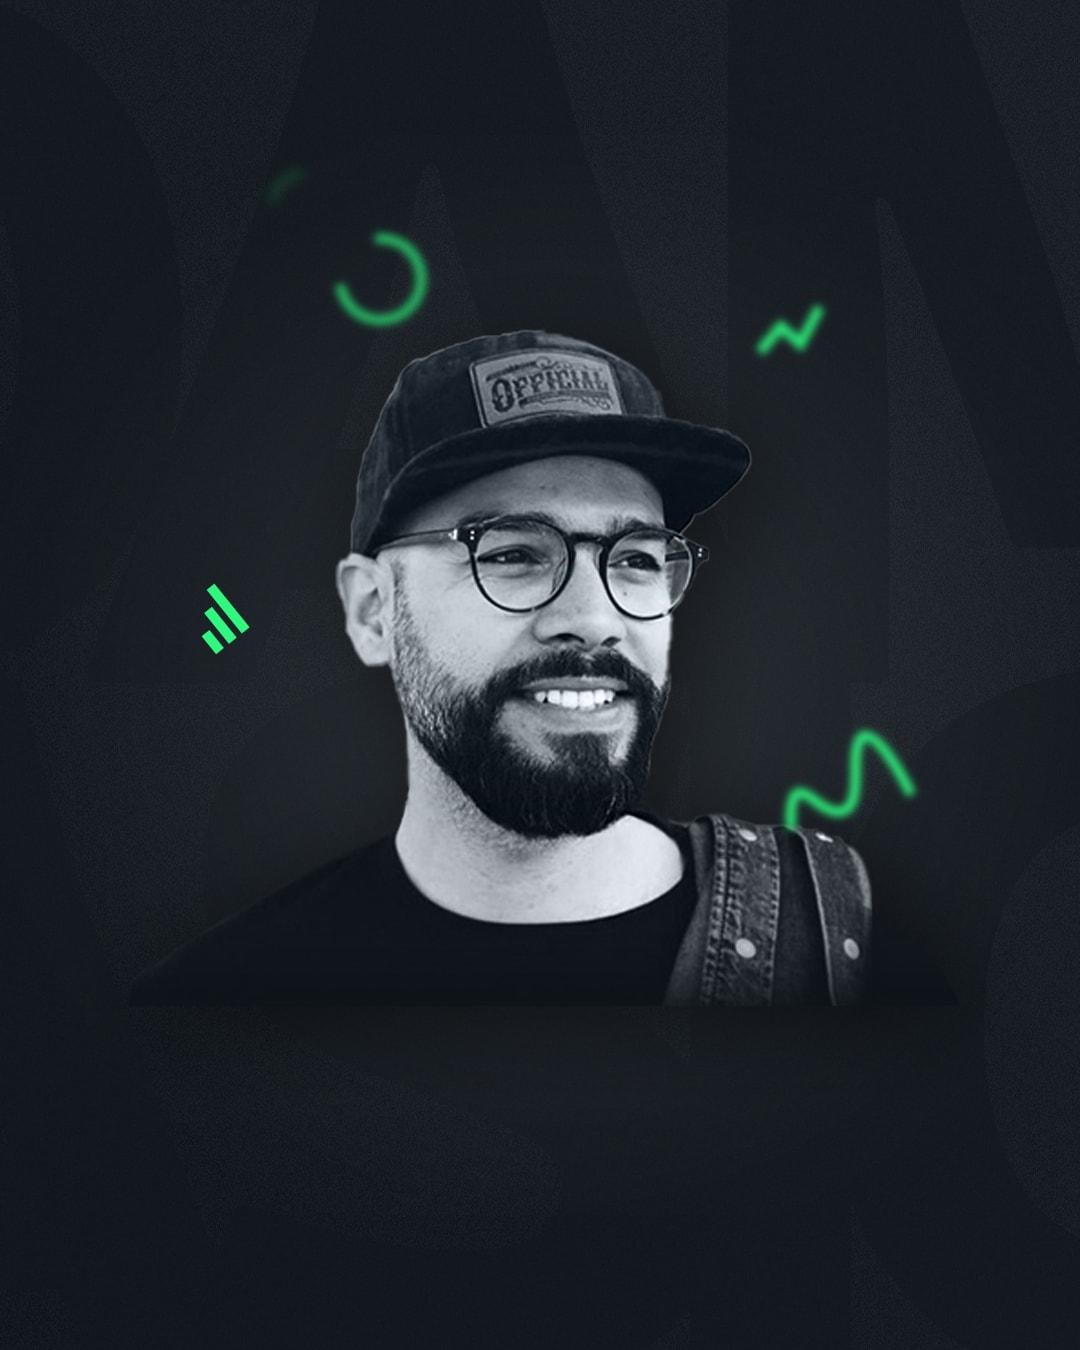 Hugo imagem de perfil